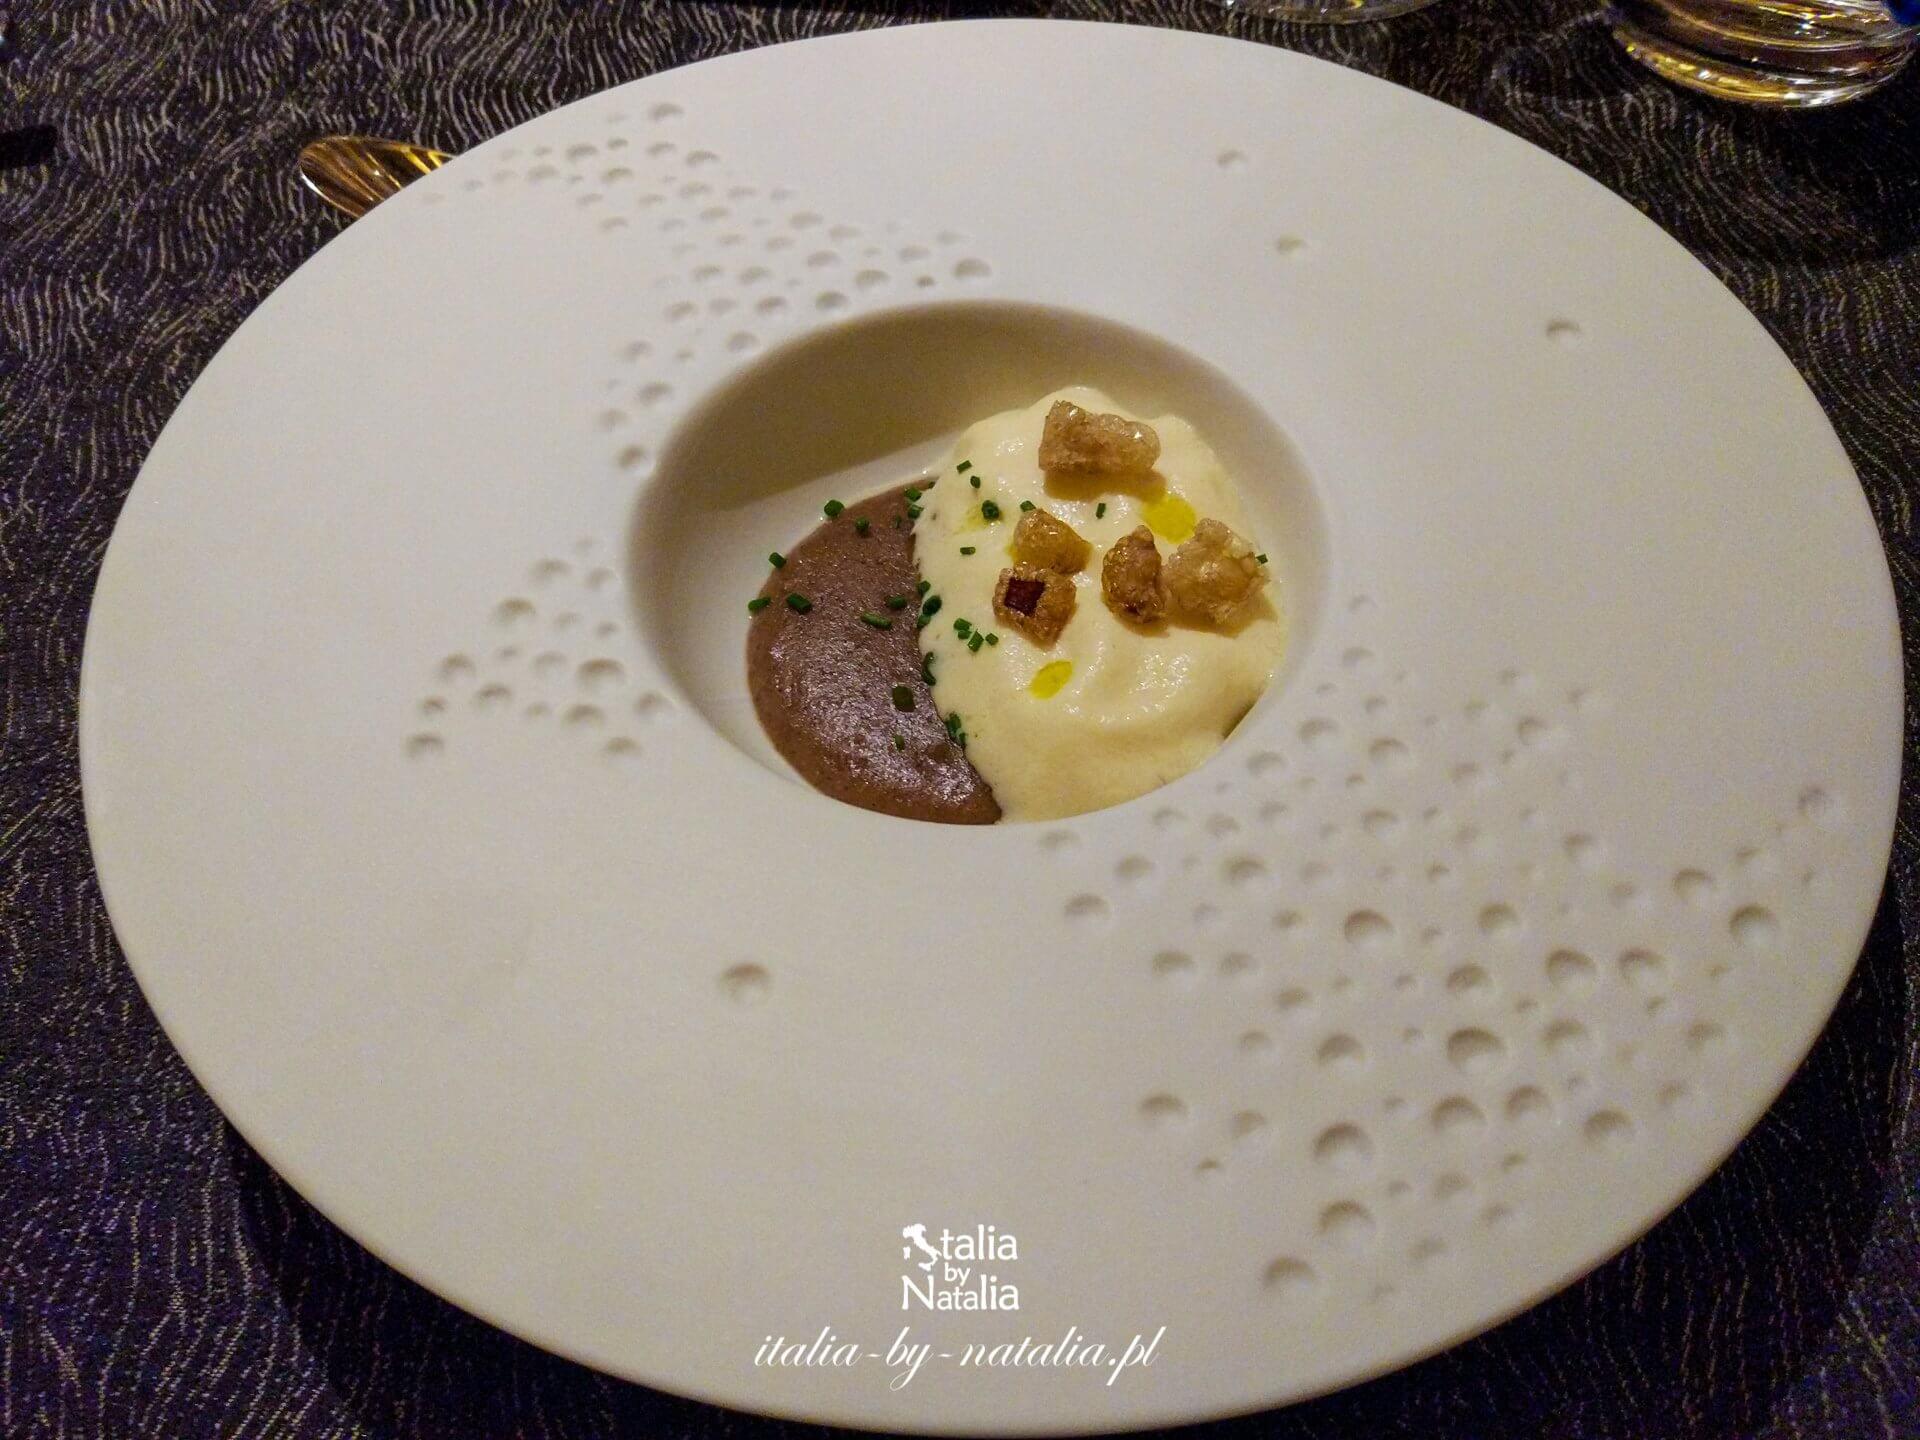 Restauracje z gwiazdką Michelin we Włoszech L Chimpl Tamion Val di Fassa Dolomity